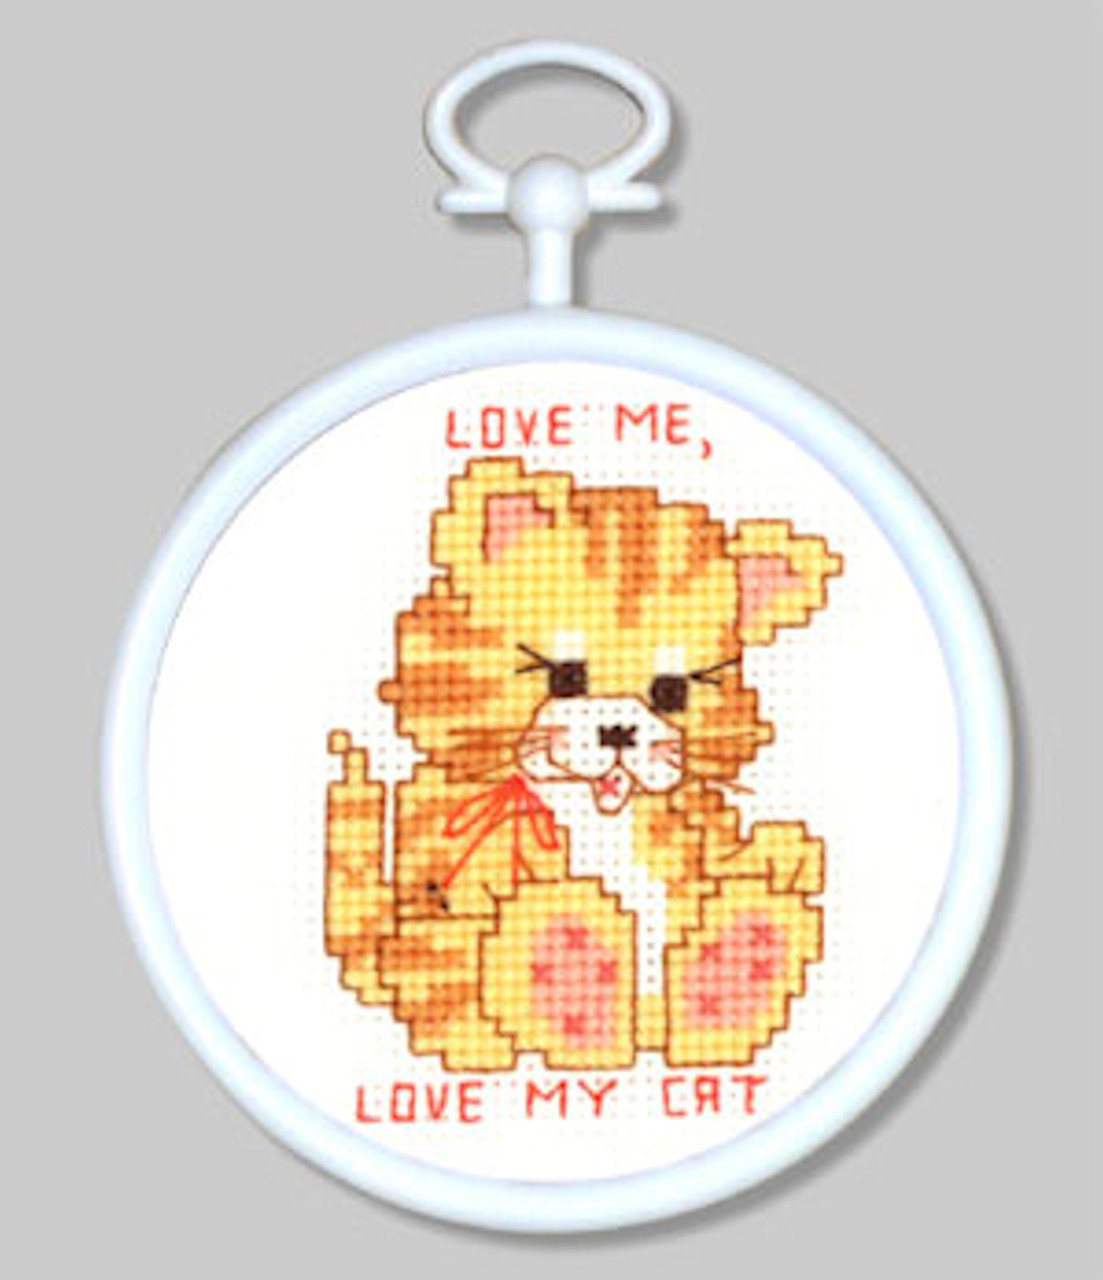 Candamar Mini - Love My Cat